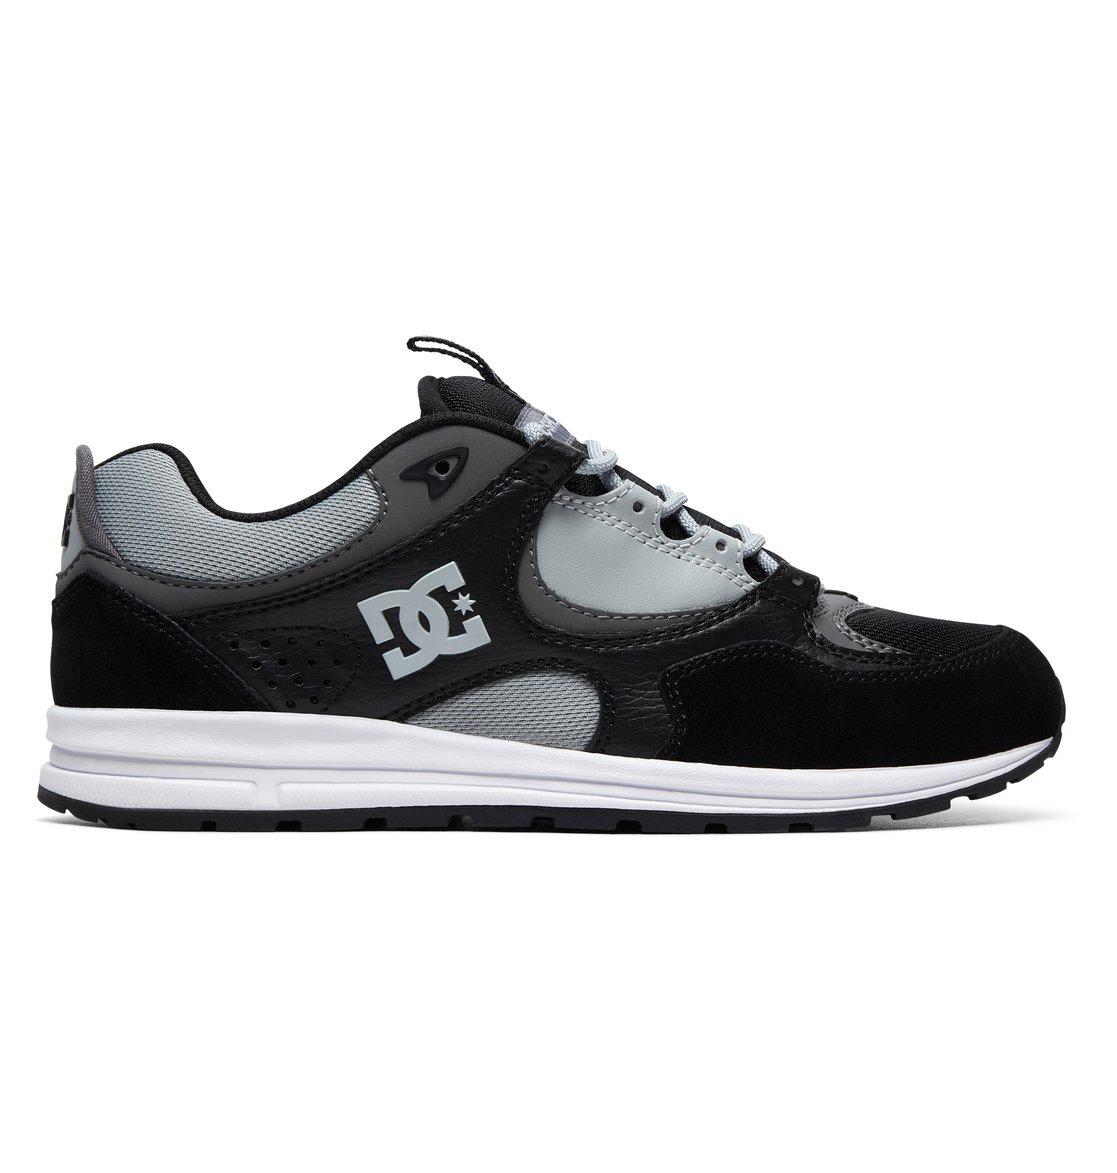 26ecfdb70 0 DC SHOES KALIS LITE SE IMP Preto BRADYS100382 DC Shoes